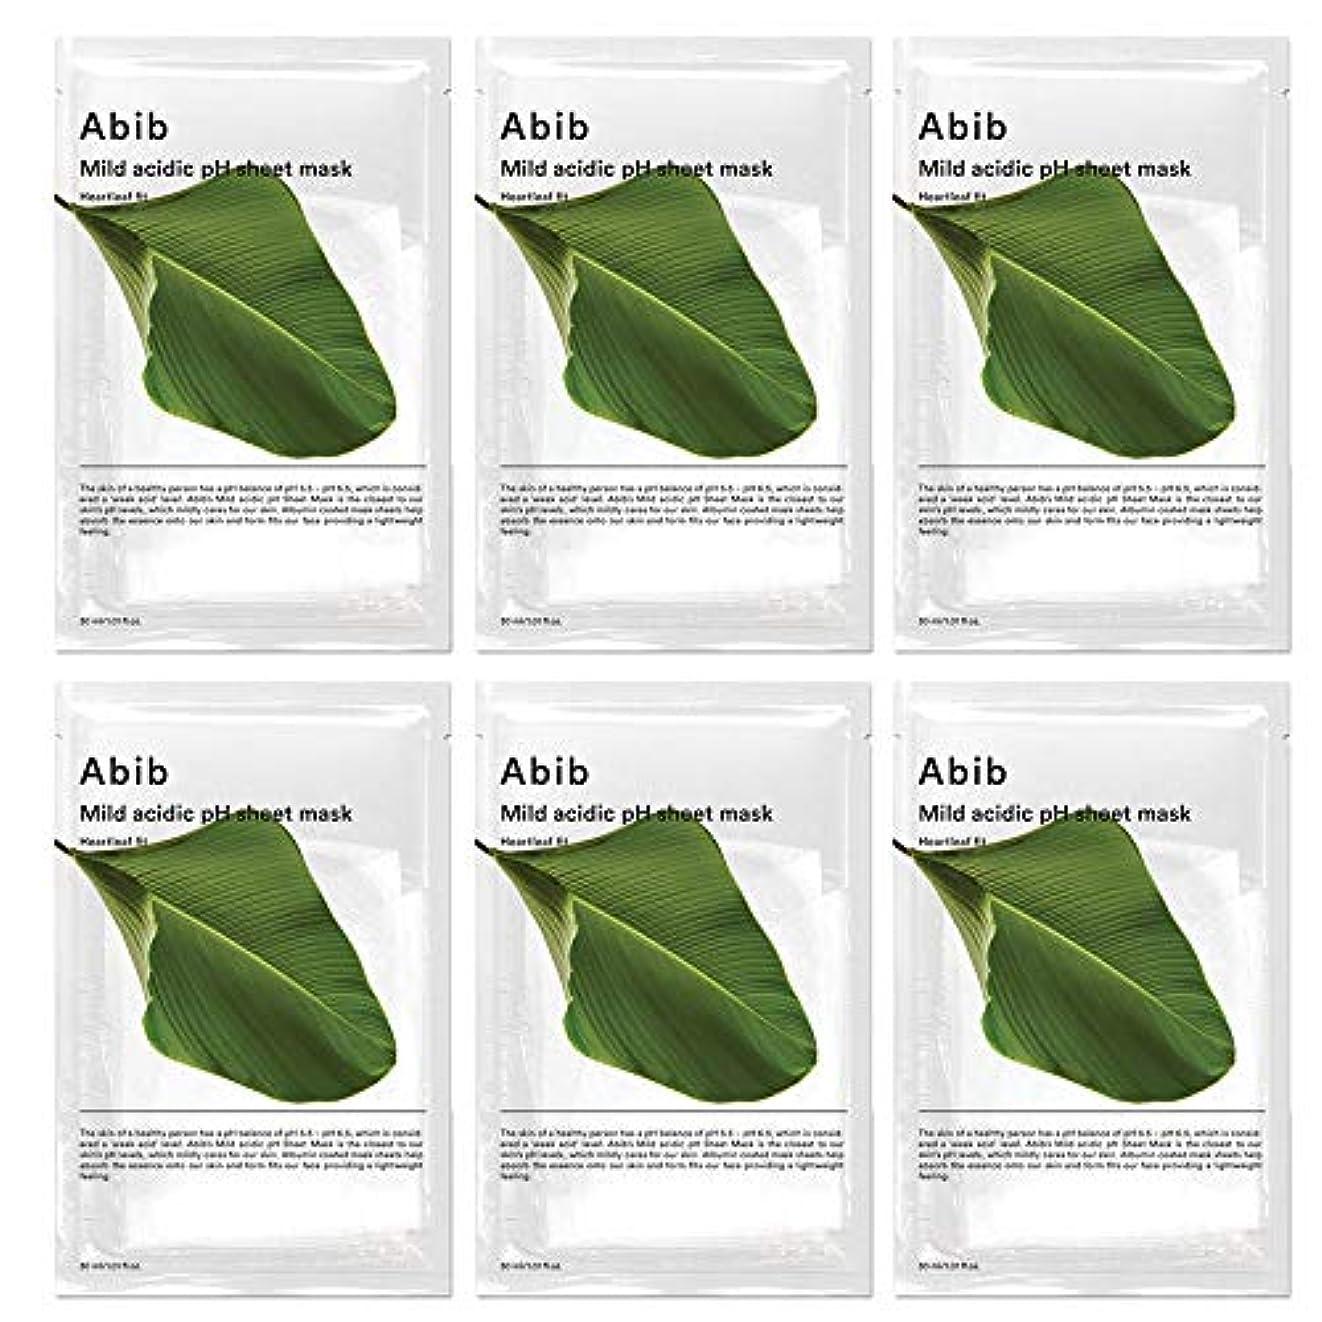 批判的に関係ない平手打ちABIB MILD ACIDIC pH SHEET MASK_ HEARTLEAF FIT/弱酸性phシートマスク ドクダミフィット(10枚)日本国内発送